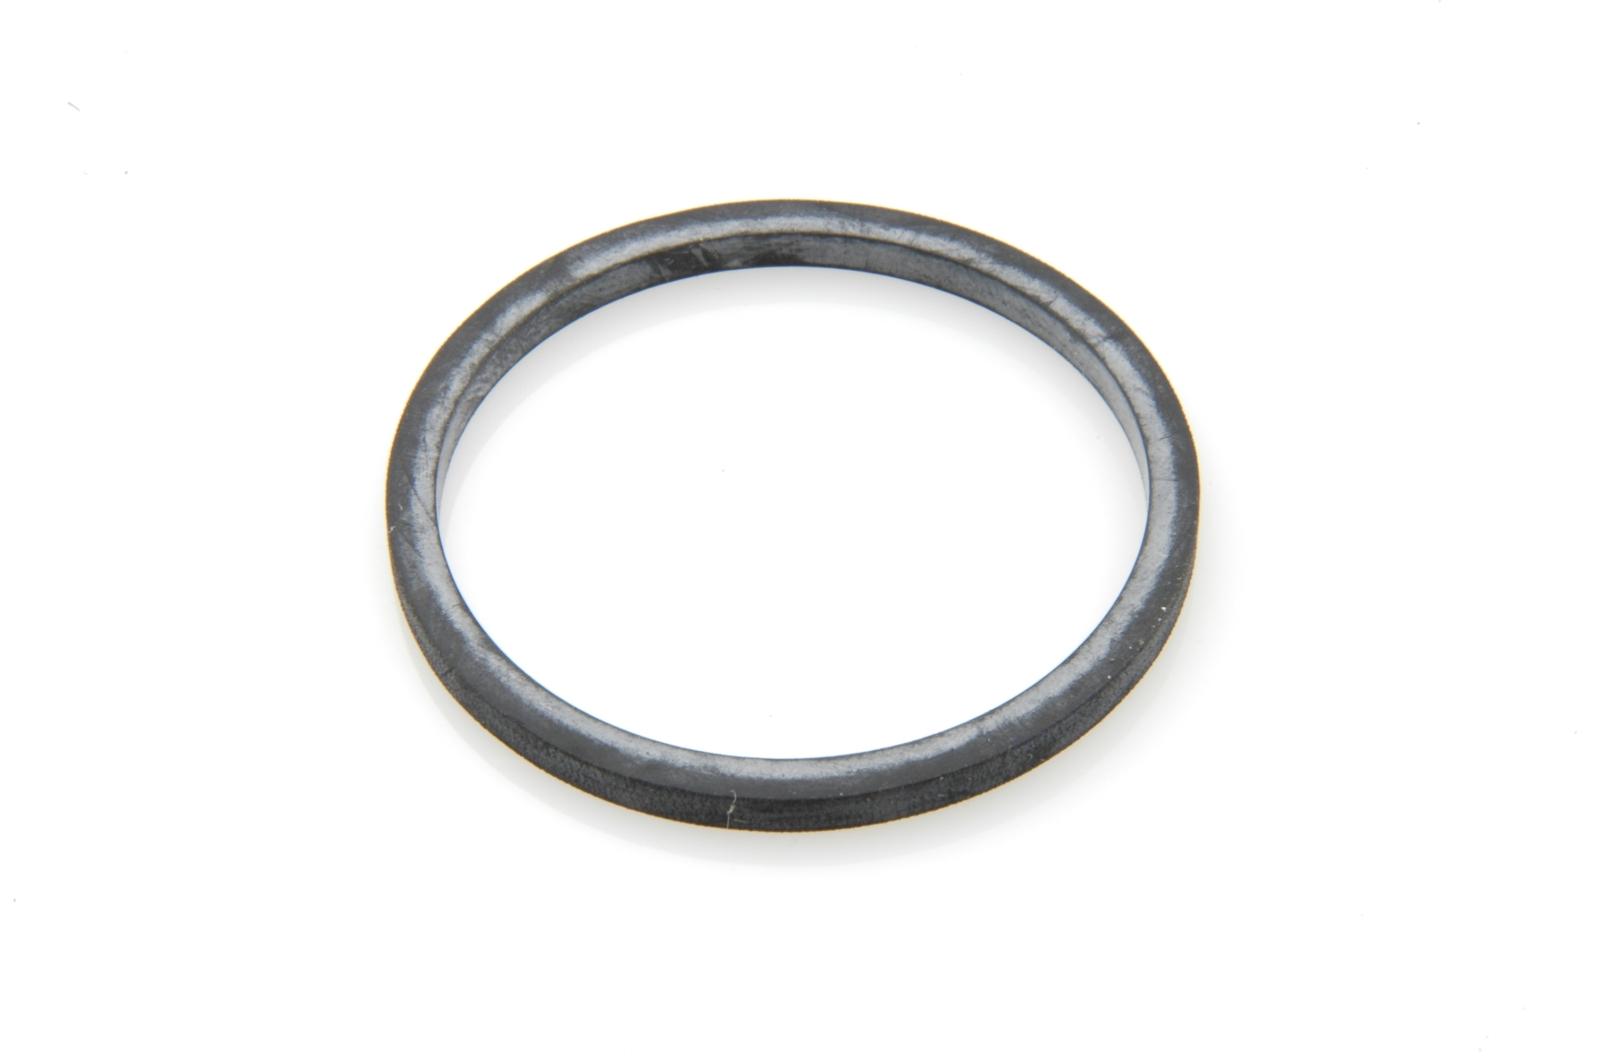 Joint caoutchouc entre cylindre et bloc pneumatique.